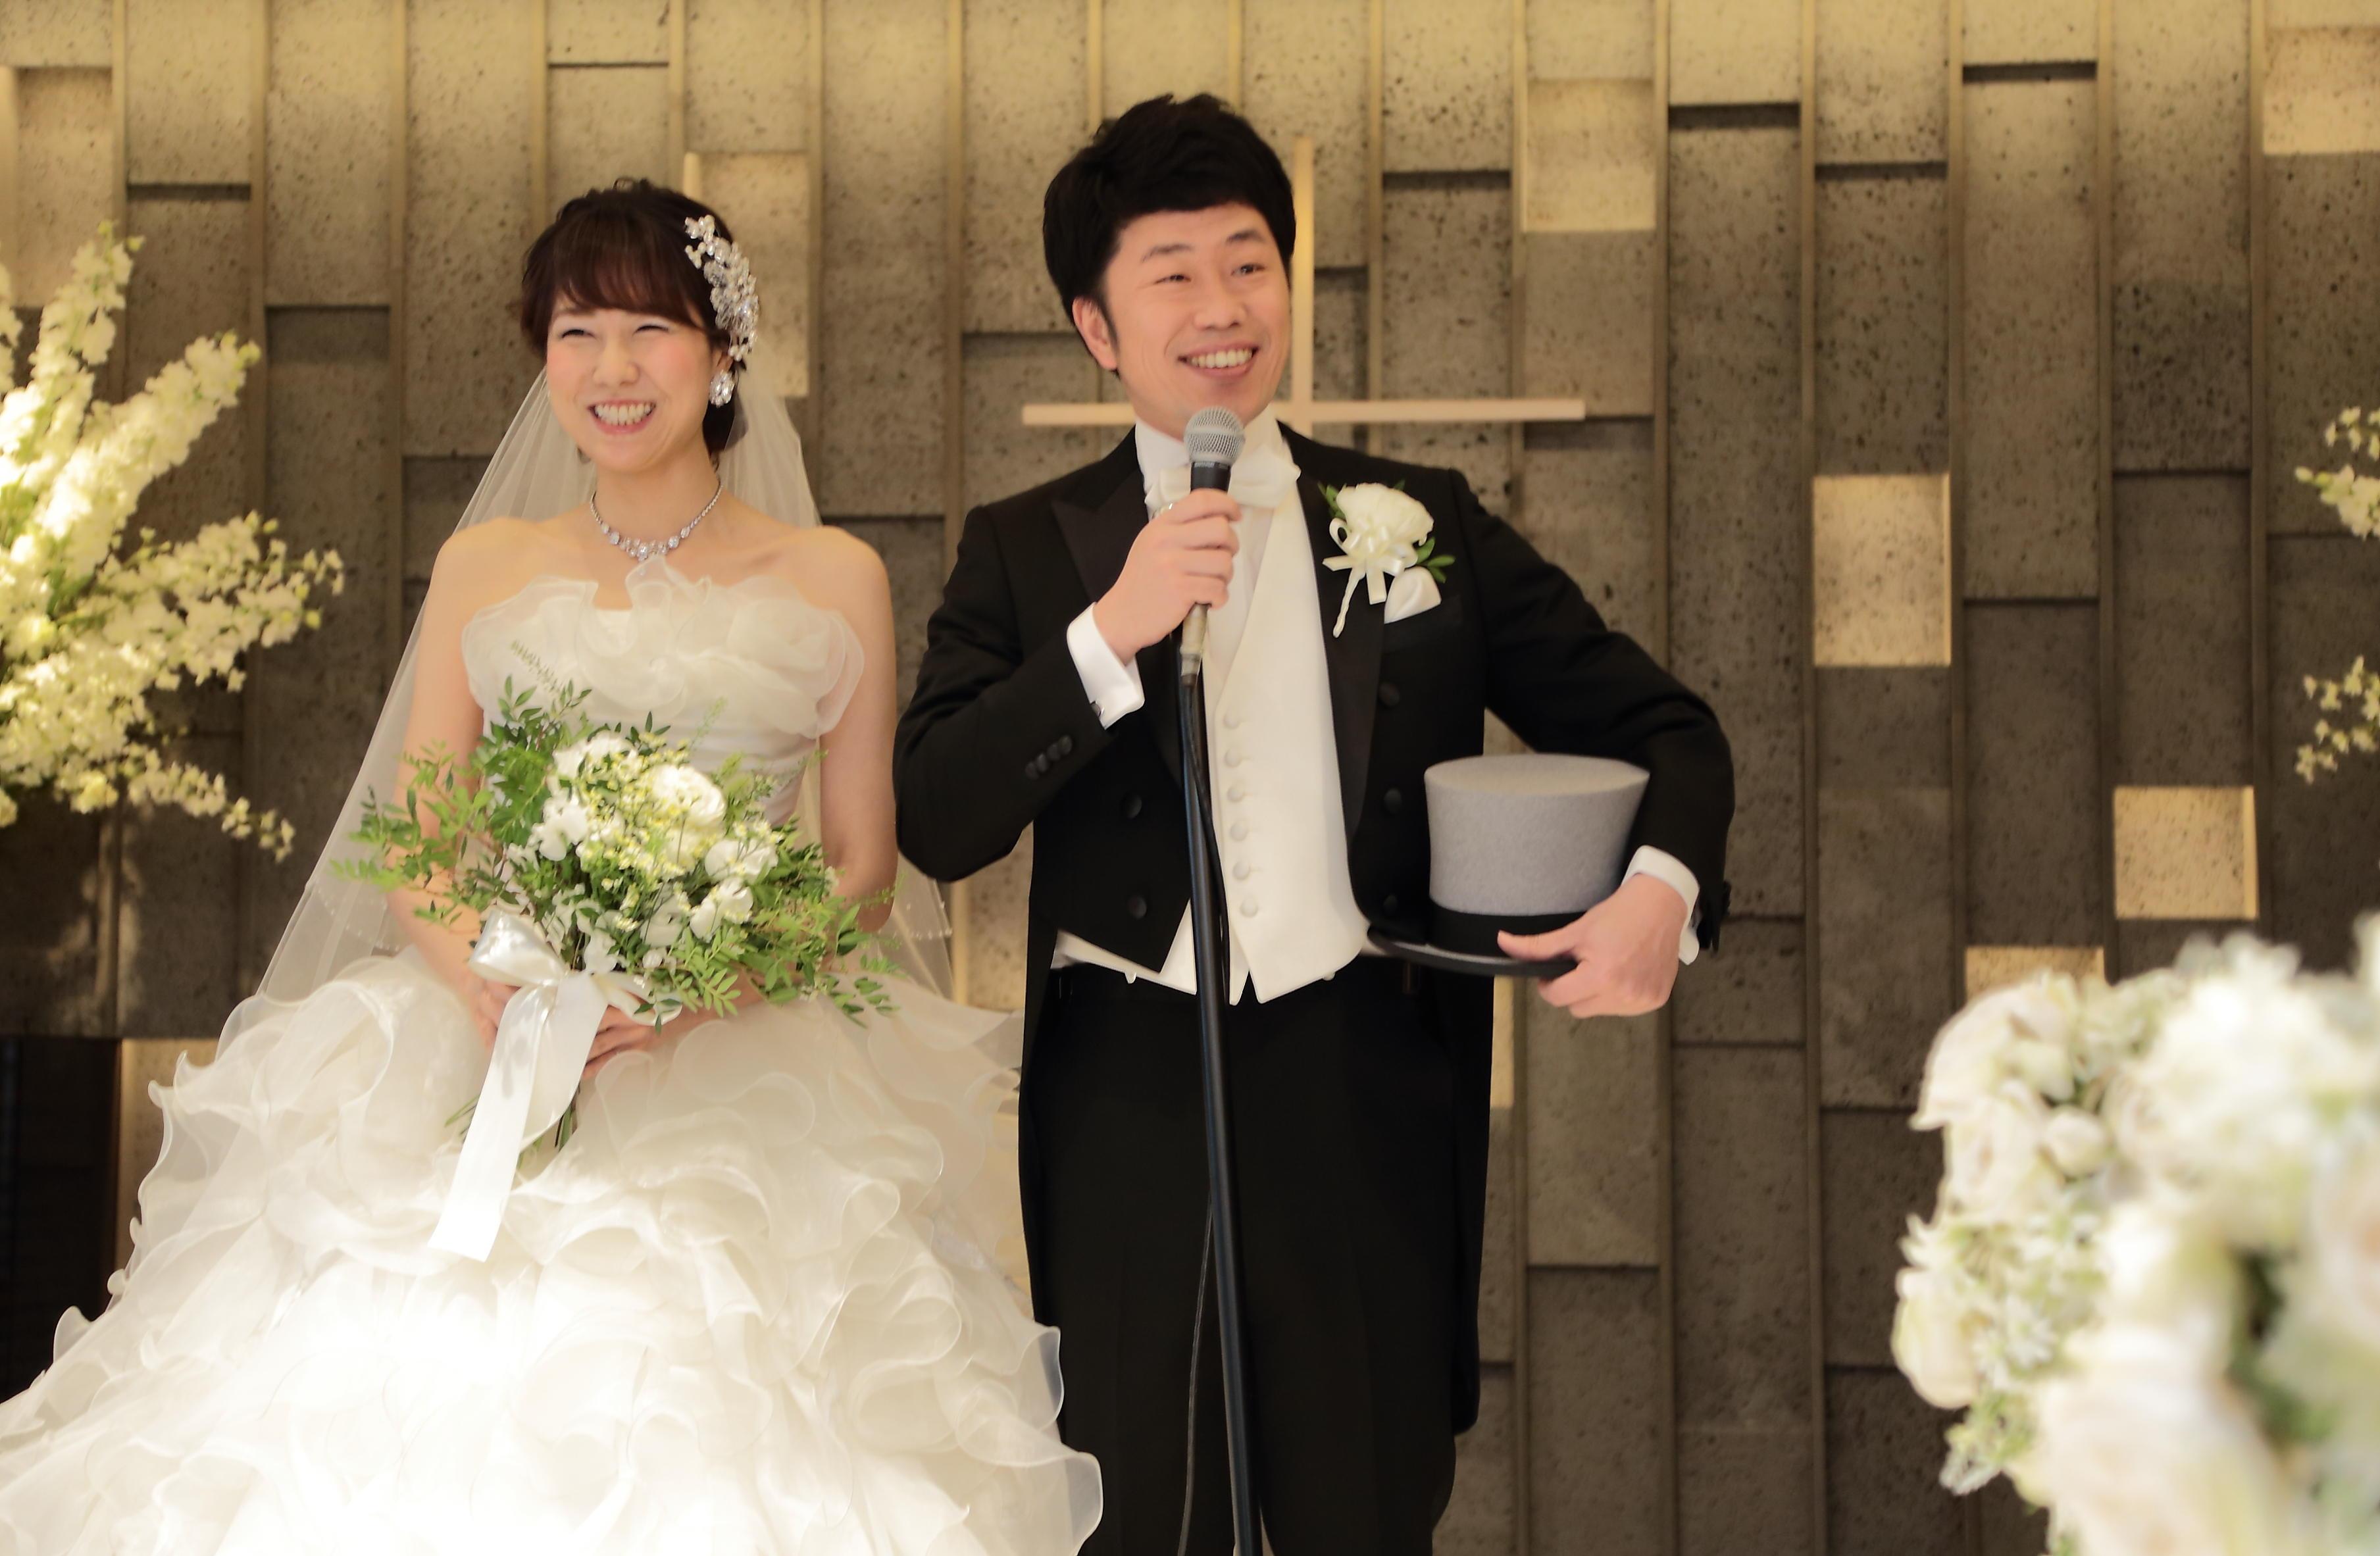 http://news.yoshimoto.co.jp/20180312163914-c298de17e8e906f42f33df8a61a3910853c027af.jpg